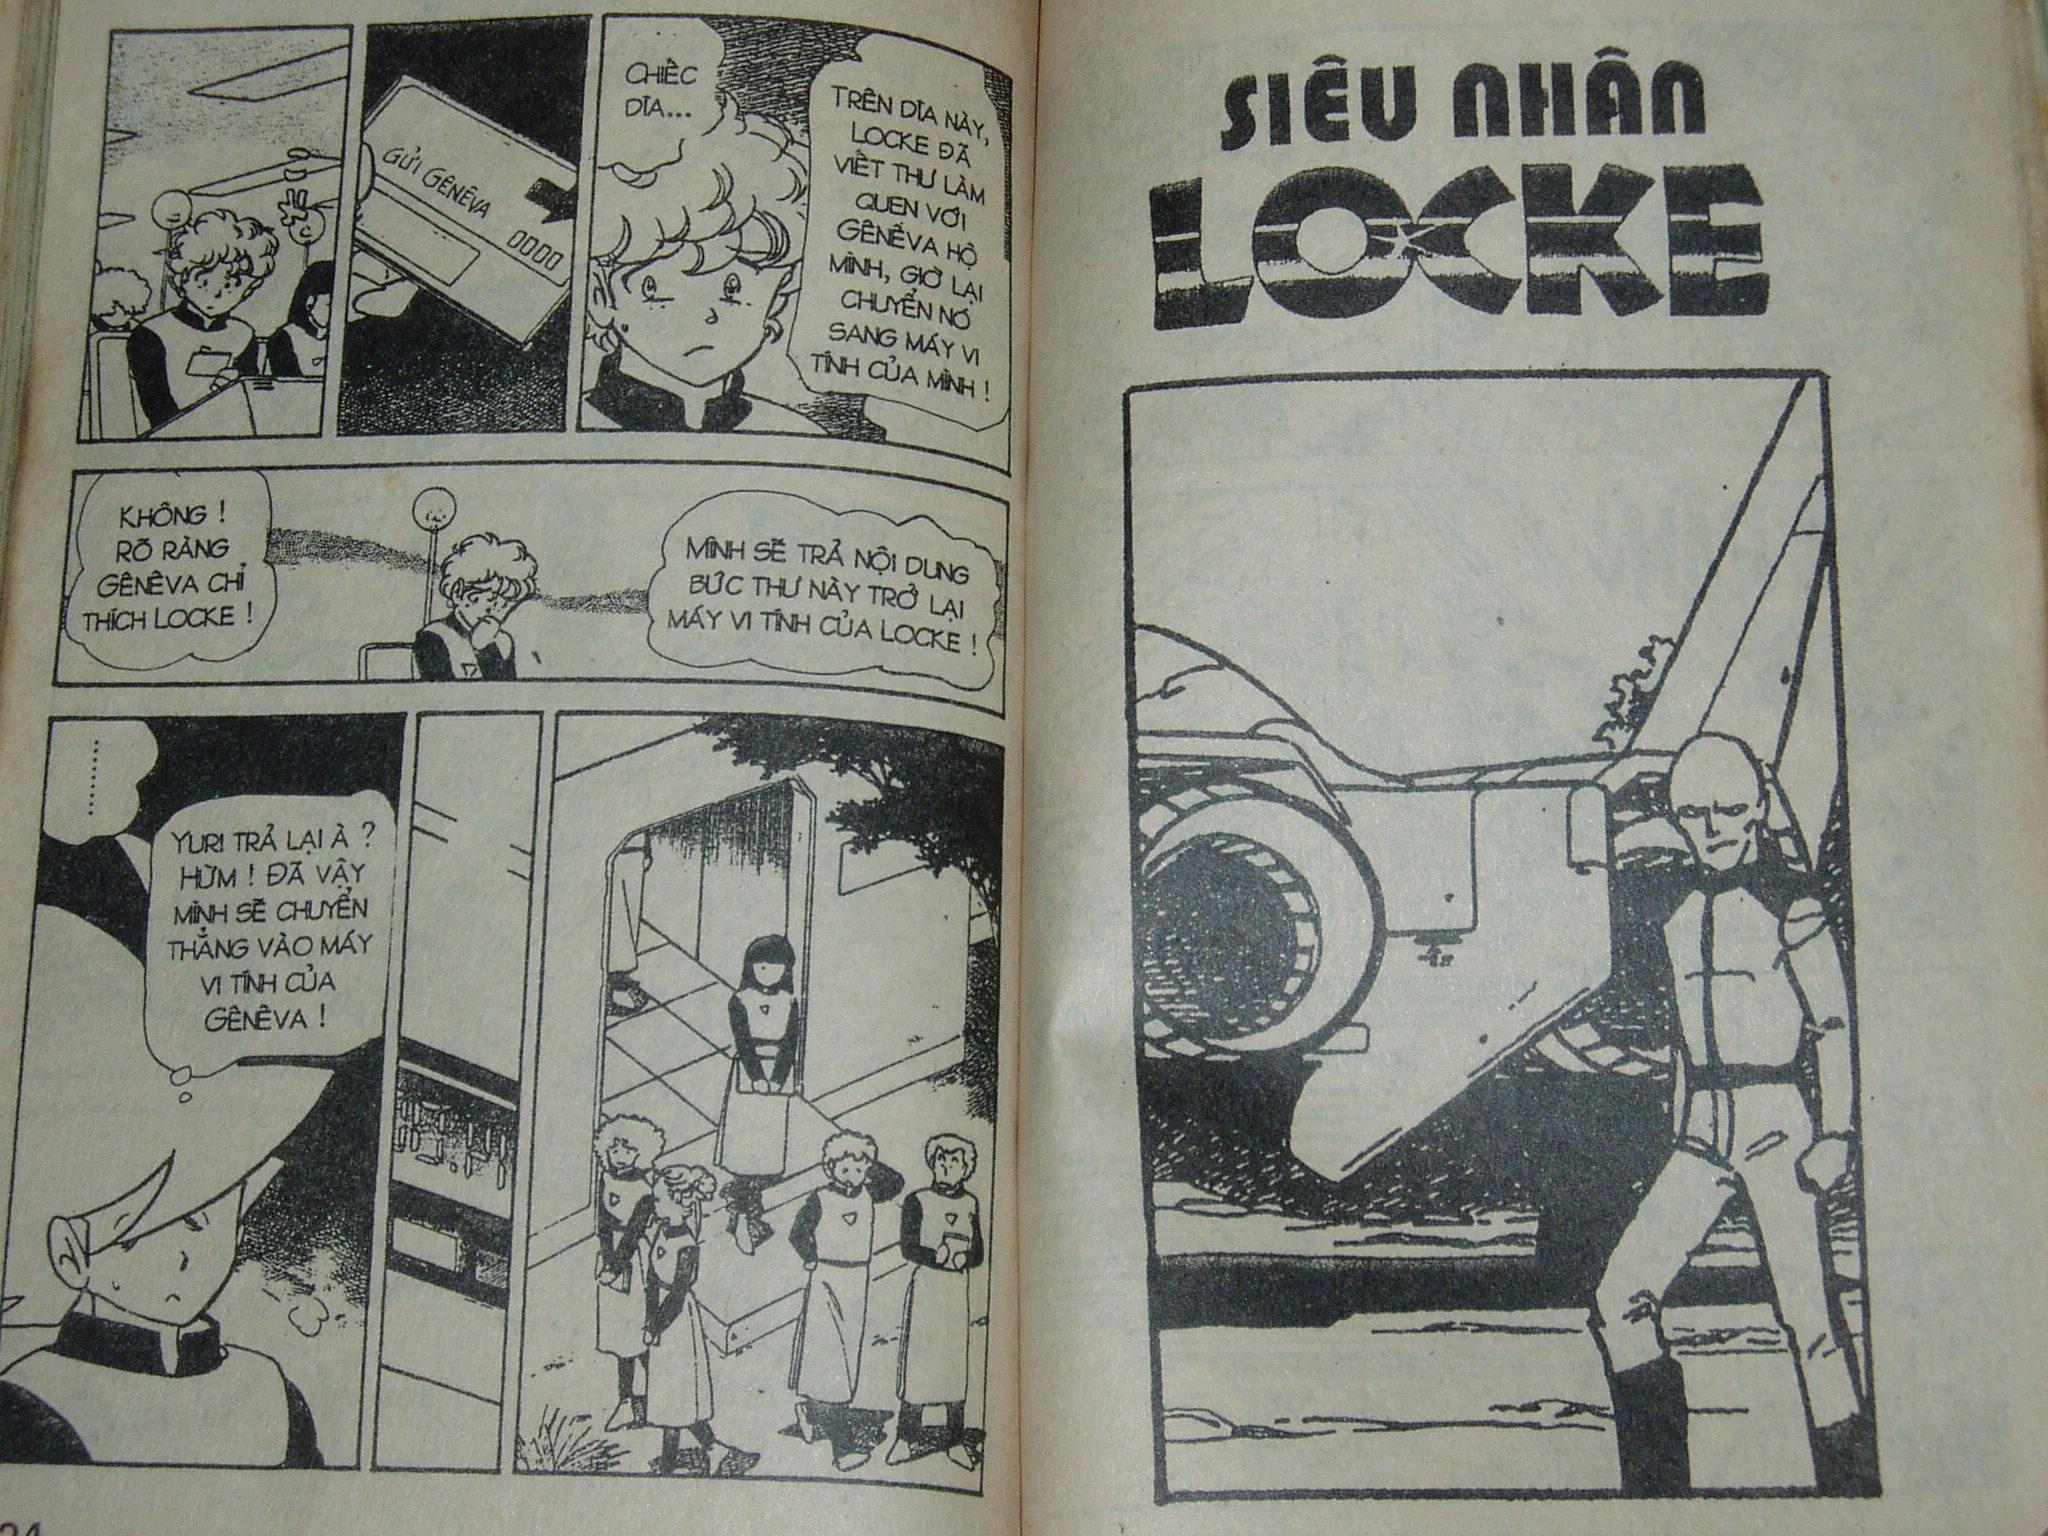 Siêu nhân Locke vol 18 trang 61